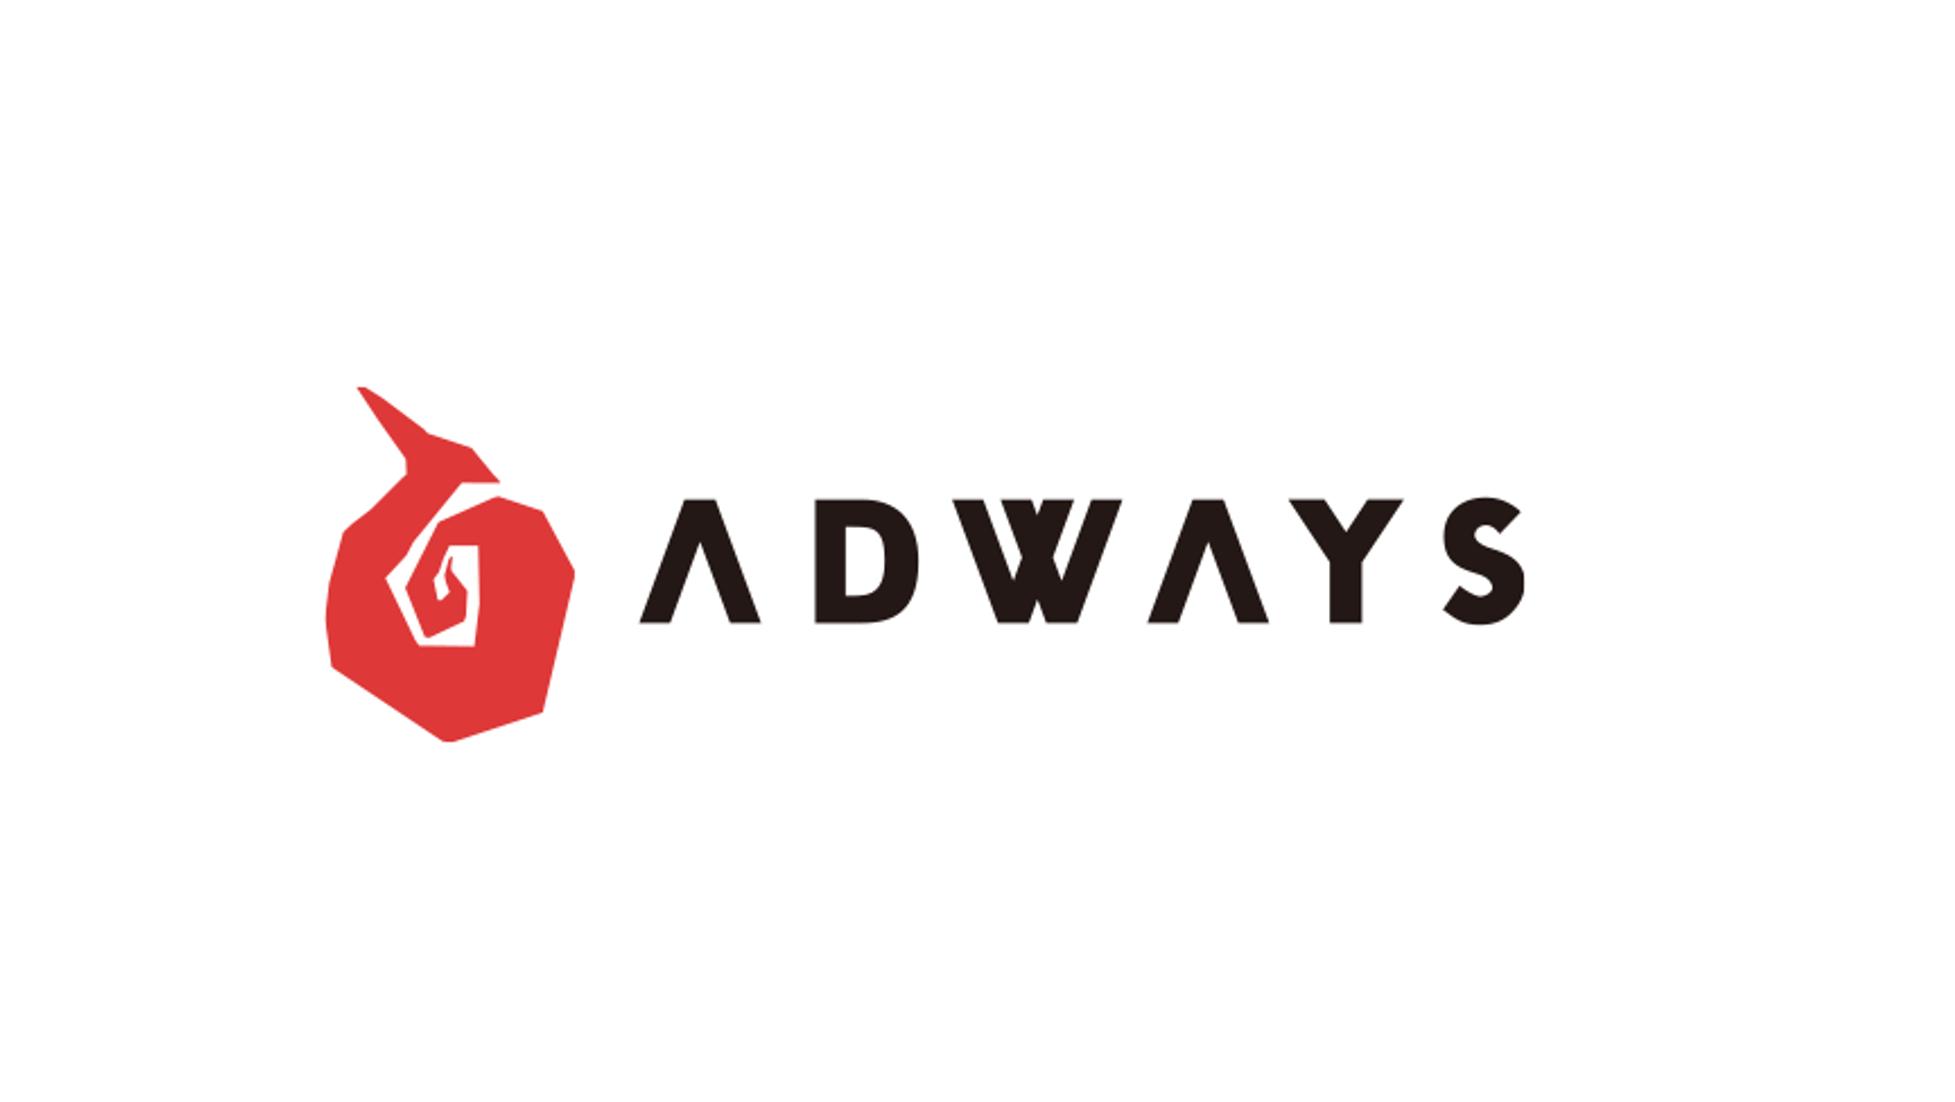 株式会社アドウェイズの決算/売上/経常利益を調べ、IR情報を徹底調査